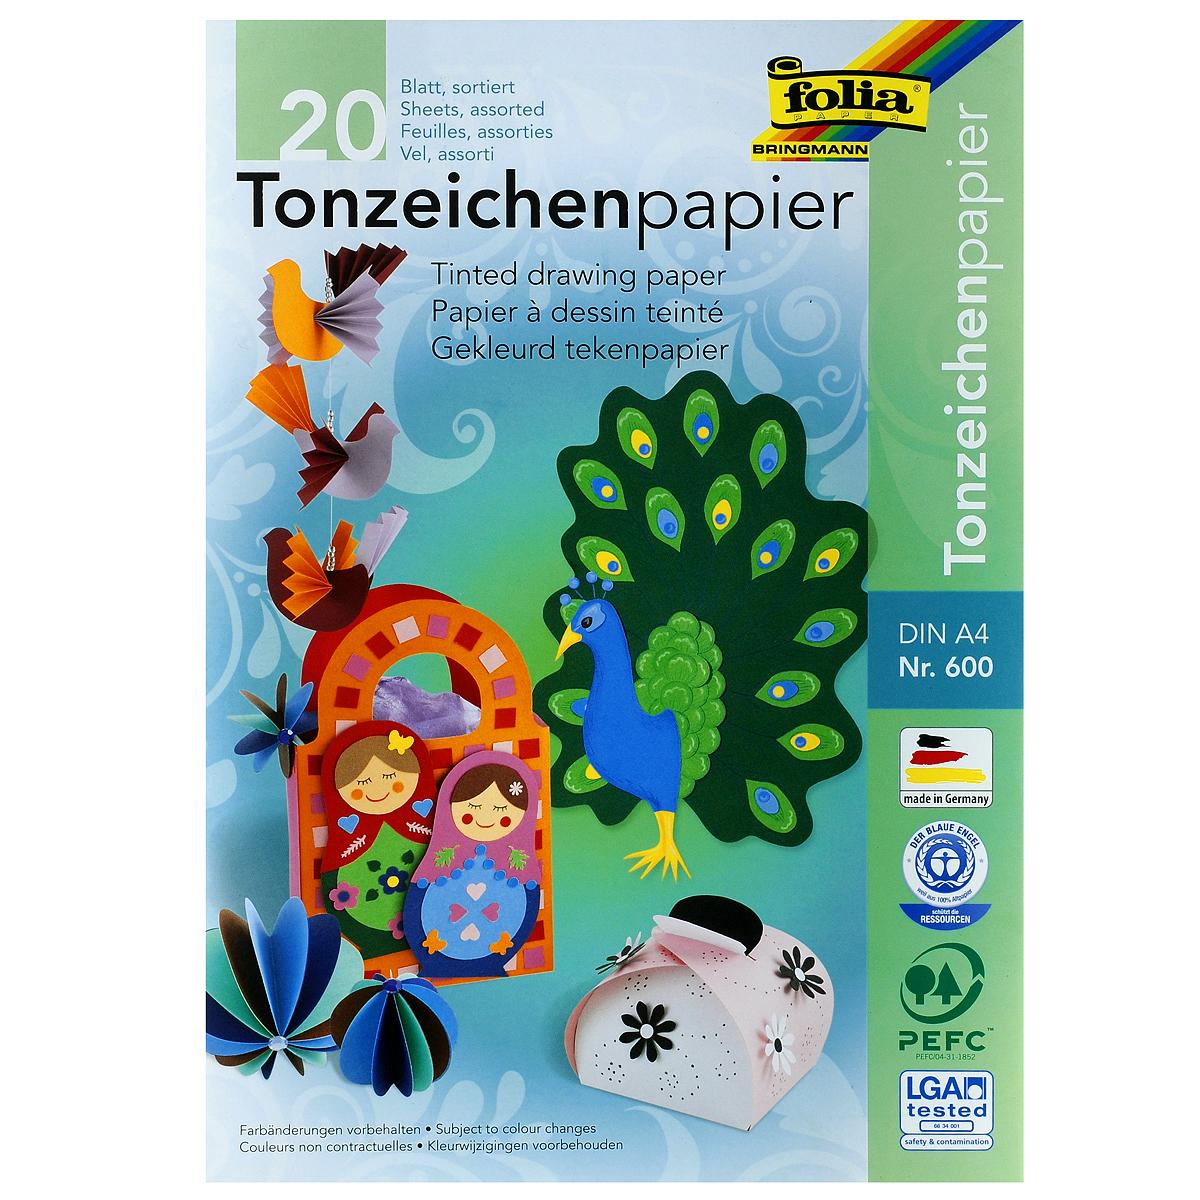 Набор двусторонней цветной бумаги Folia, 20 листовF600Набор цветной двусторонней бумаги Folia позволит создавать всевозможные аппликации и поделки. В набор входит бумага желтого, оранжевого, красного, розового, голубого, салатового, зеленого, синего, коричневого и черного цветов. Создание поделок из цветной бумаги позволяет ребенку развивать творческие способности, кроме того, это увлекательный досуг.